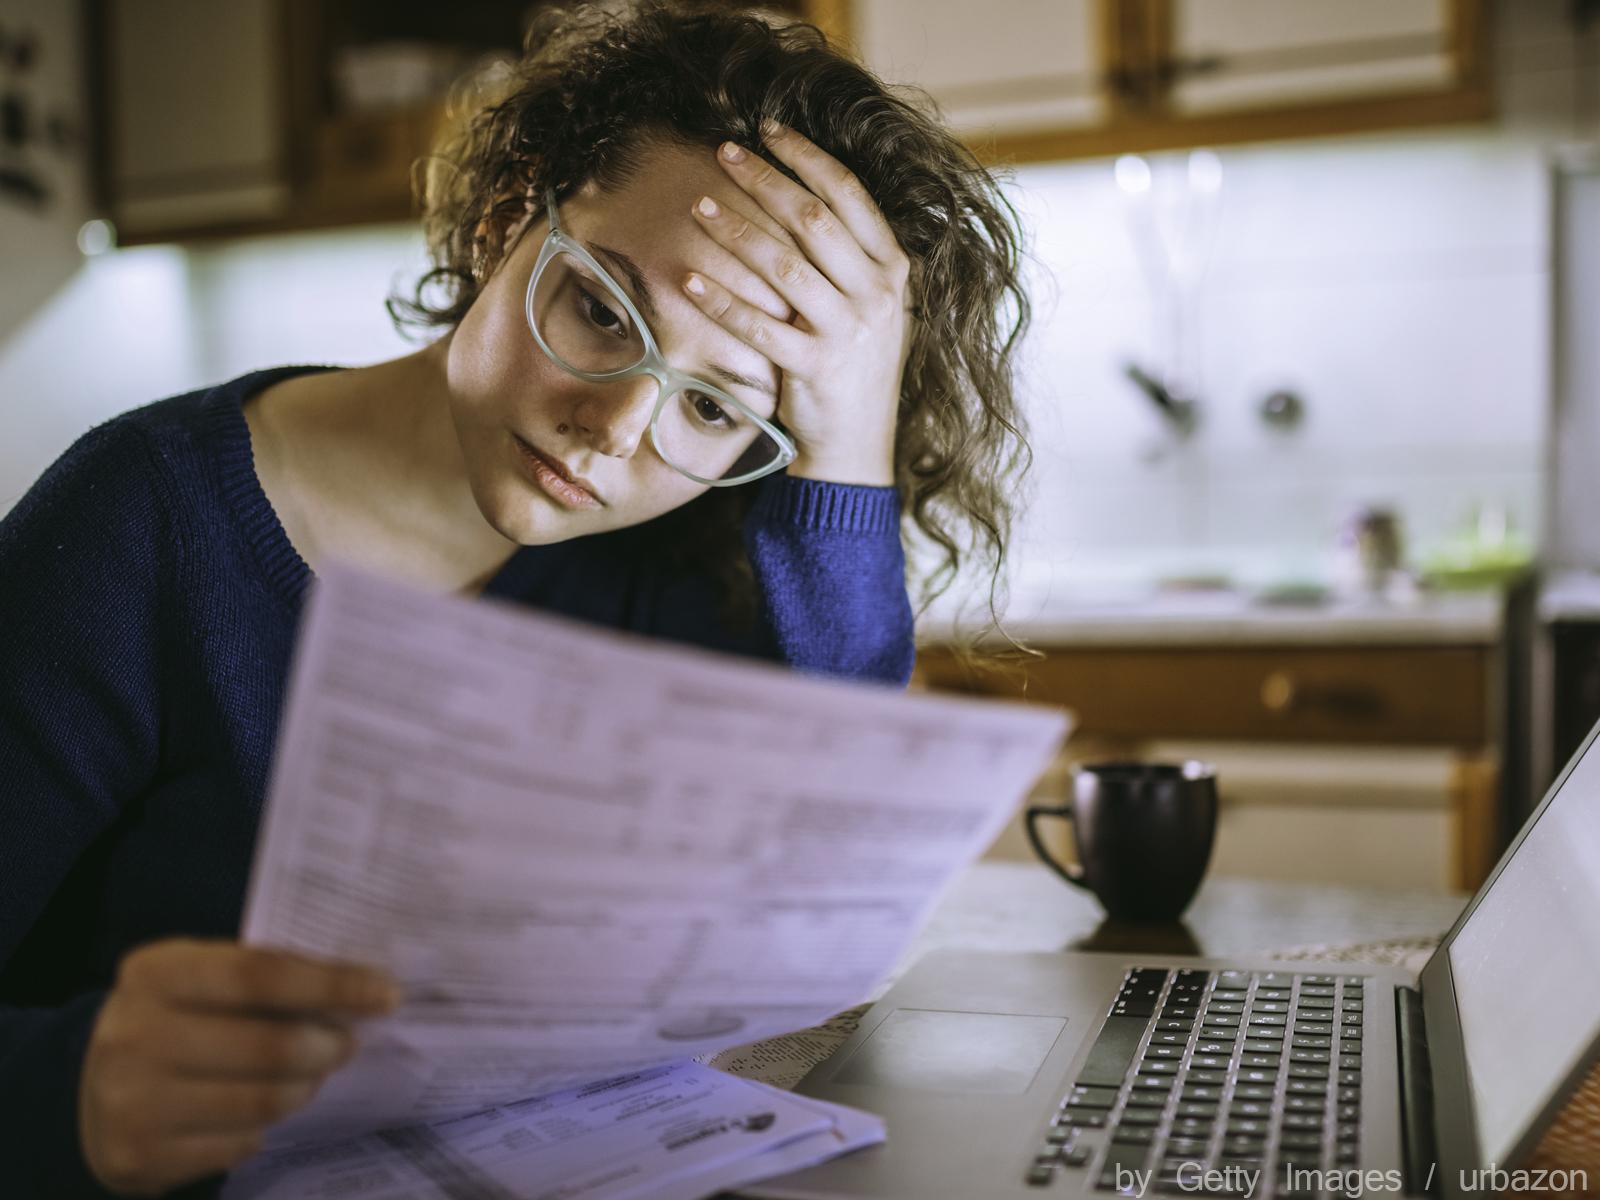 Economia na quarentena: quais contas pagar e quais não pagar?